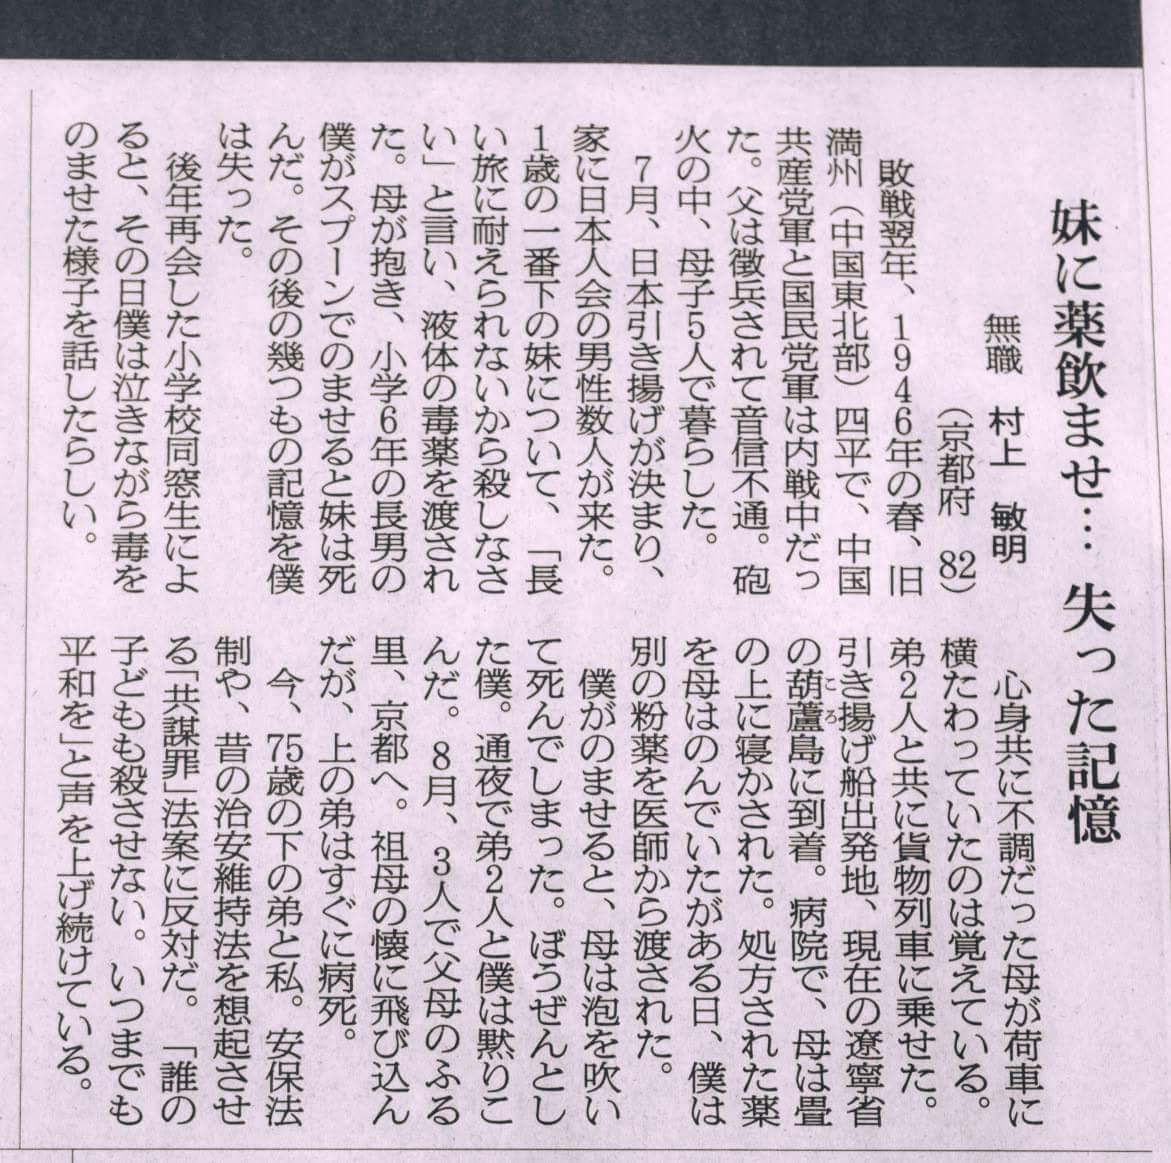 私の知人、村上さんの壮絶な戦争体験が朝日新聞に載った。大阪版(ピンクっぽい方)にはおしまいの5行が掲載されているのに、東京版(白)はまるっと削られている。意図的なものを感じる。ぜひ読んでみてください。 https://t.co/tHILj2zE4v